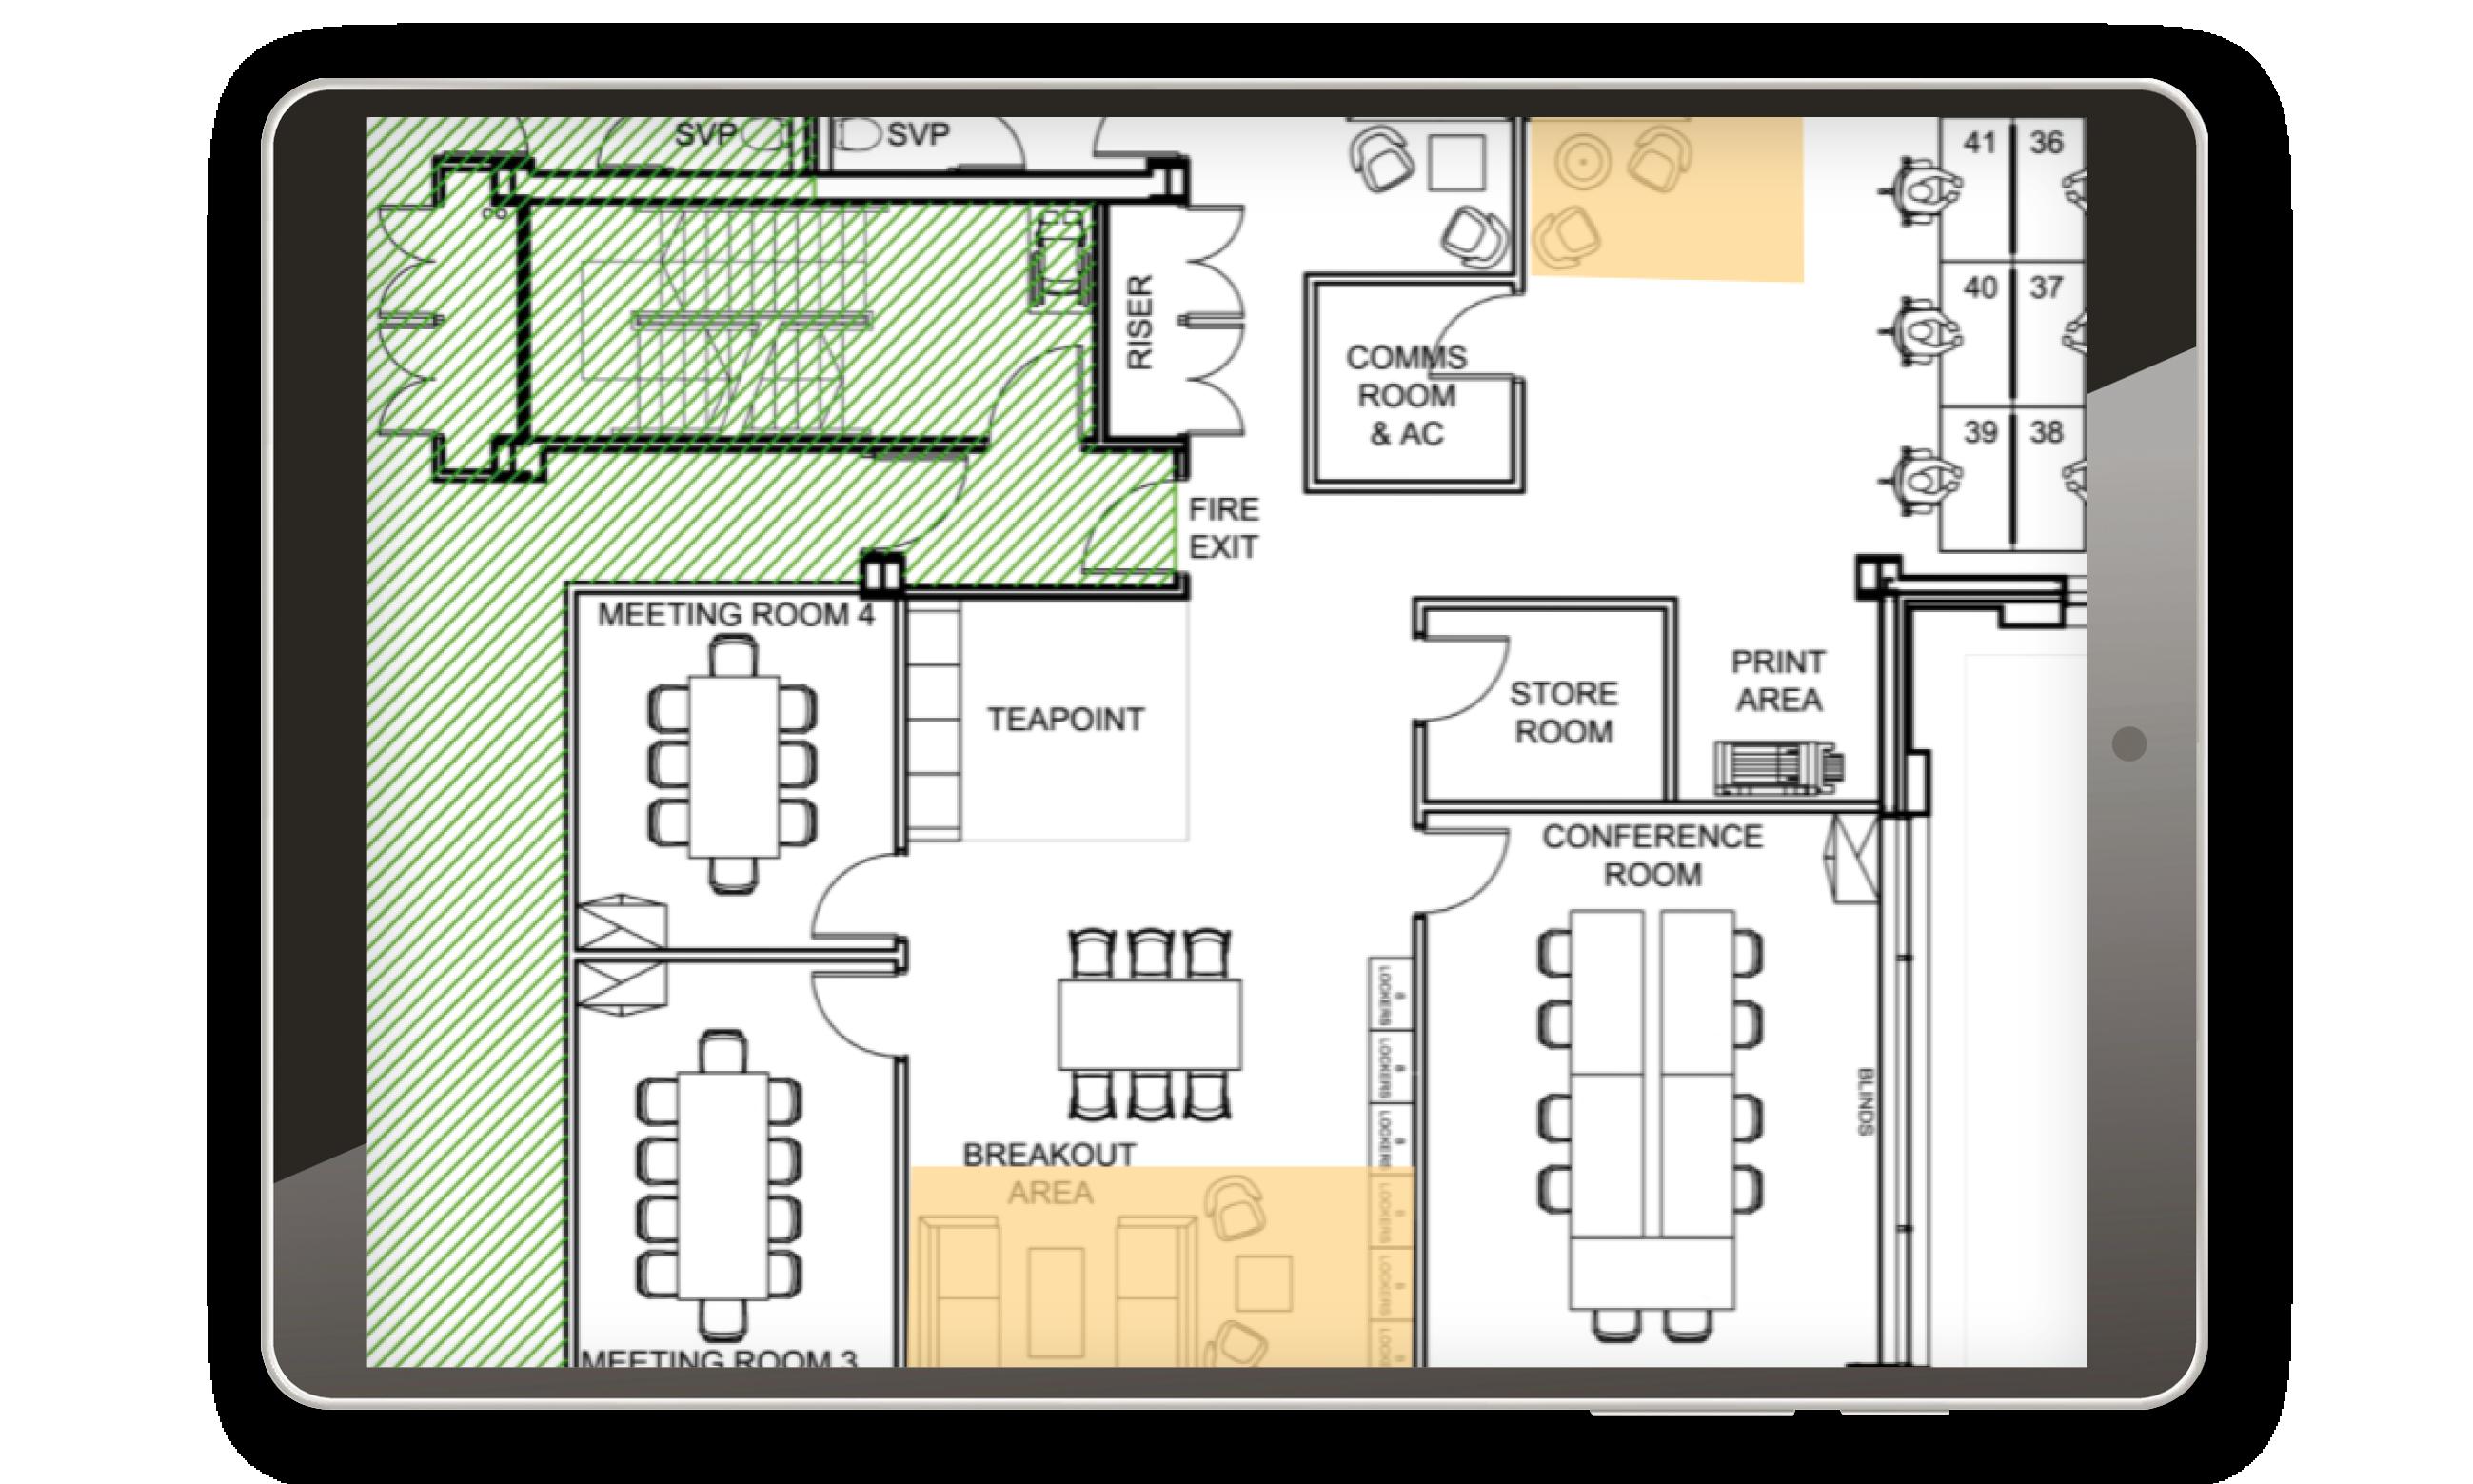 meeting room booking map ipad